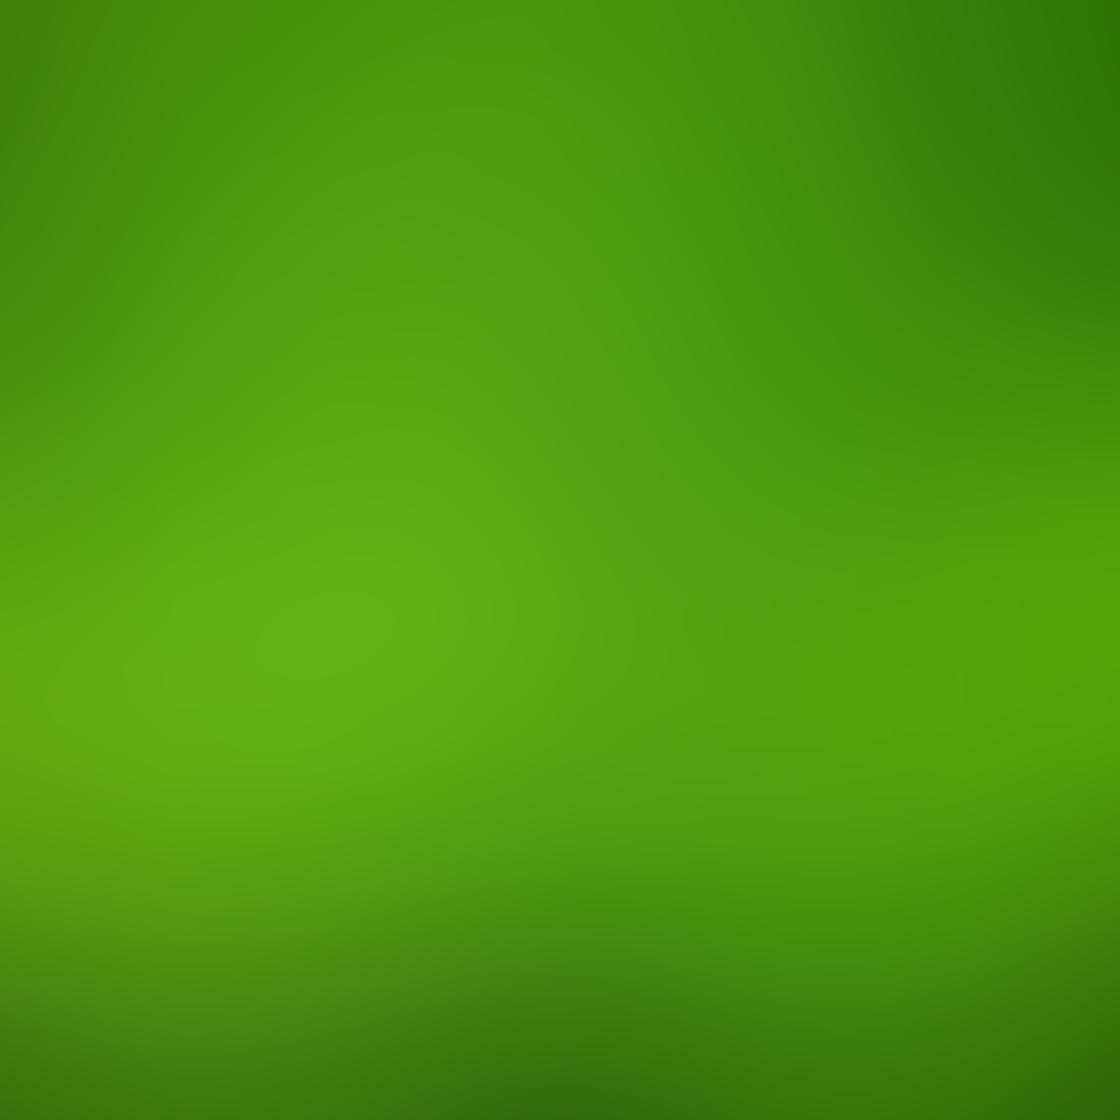 Green iPhone Photos 10